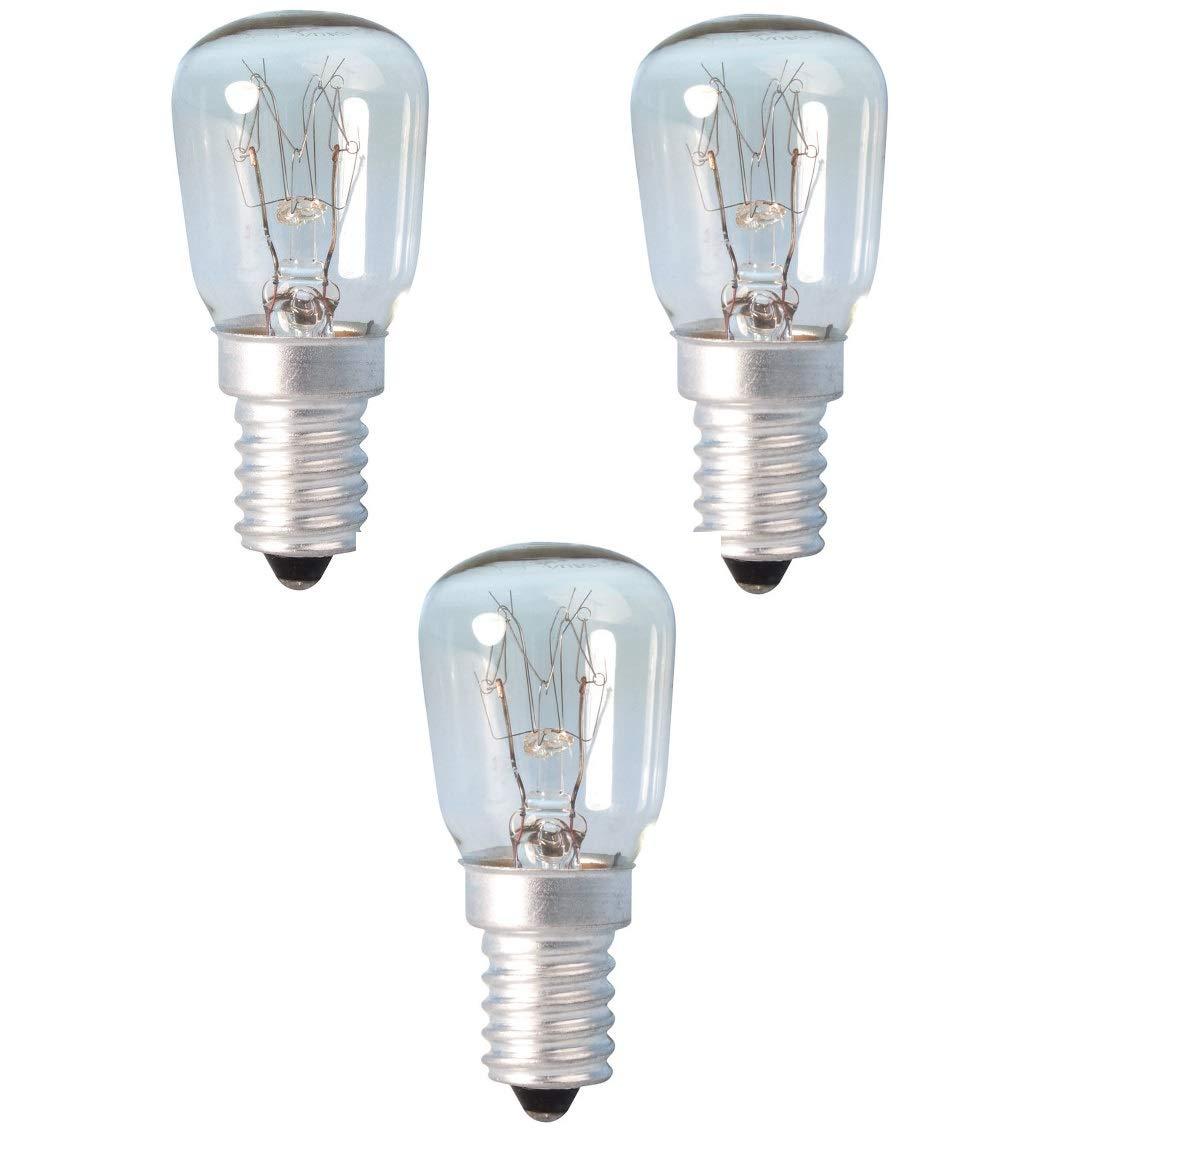 3 x 15Watt Bulb Pygmy E14 Salt Lamp SES Crystal Lamp Screw Cap Clear Light Bulb